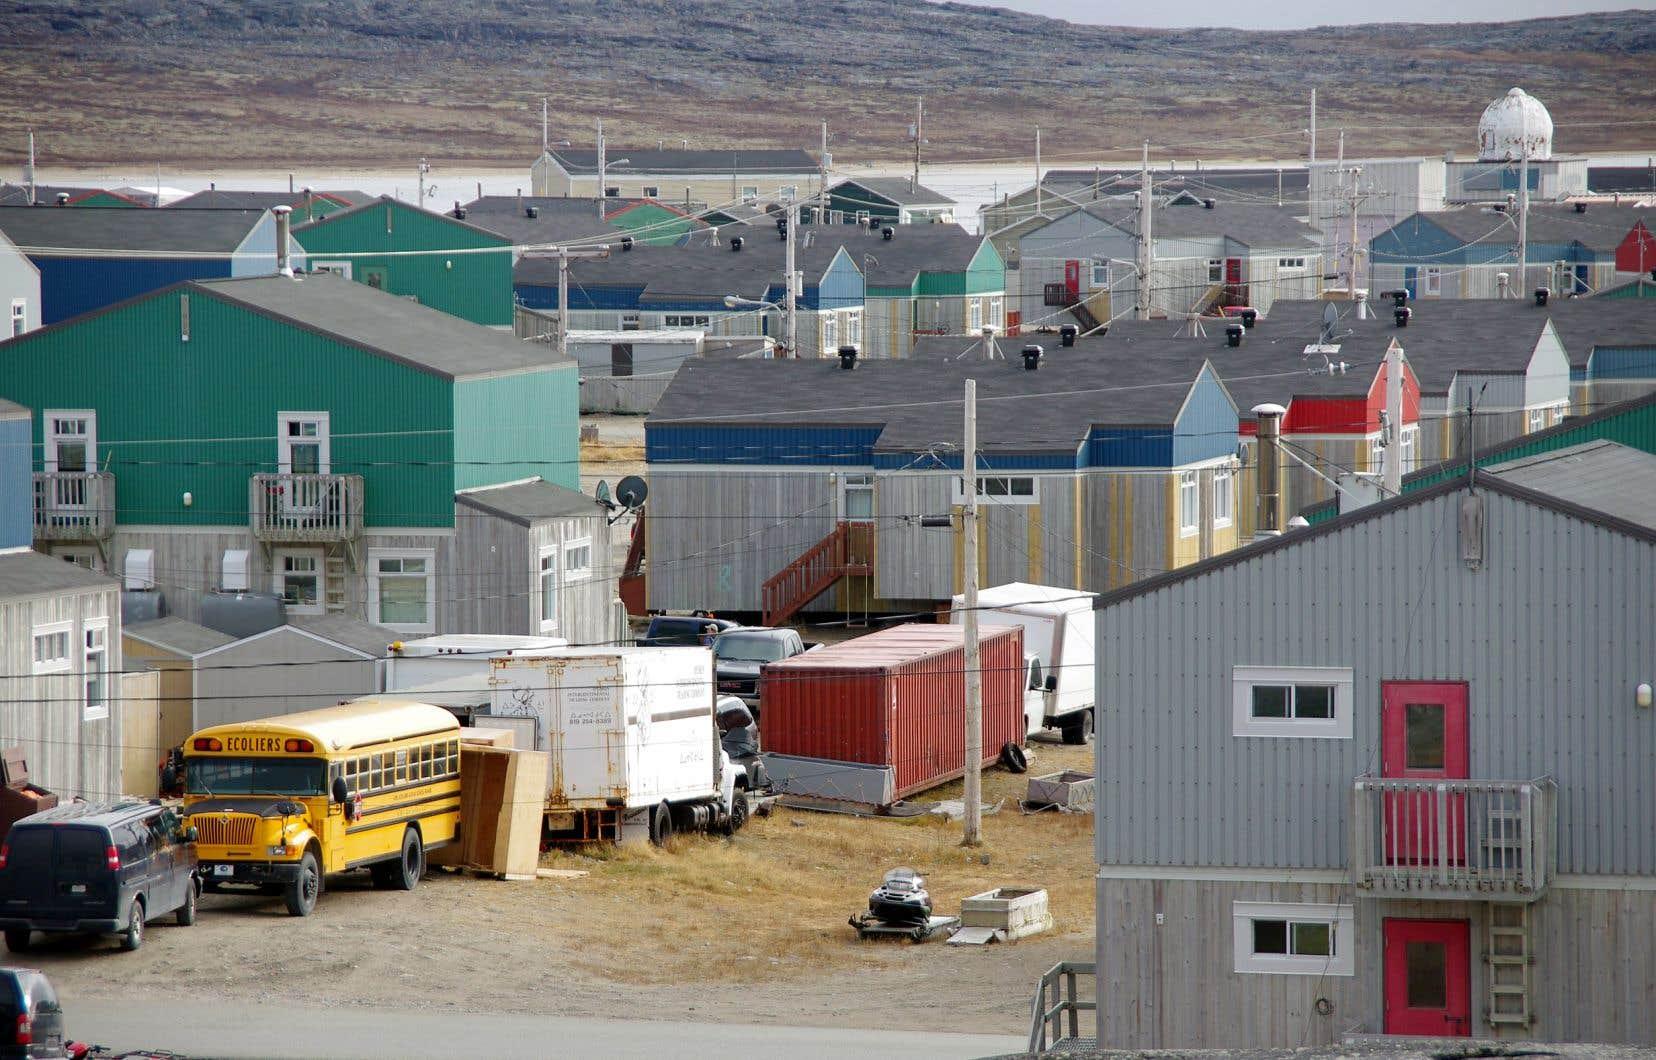 Le projet, terminé en mai 2016, se trouve dans la communauté inuite d'Inukjuak, au Nunavik.